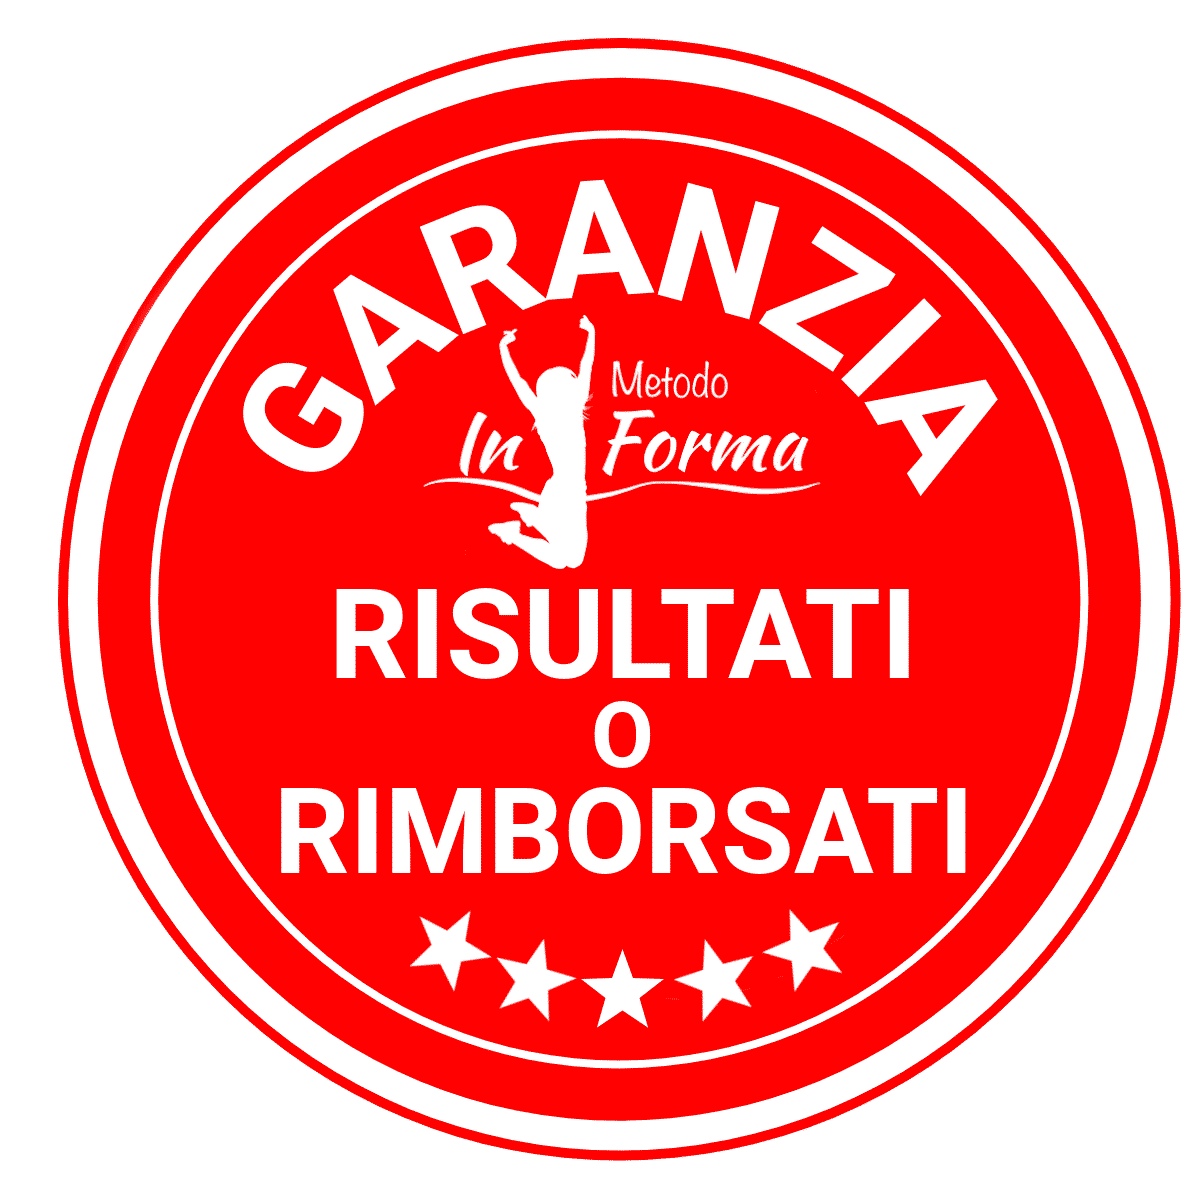 Garanzia MetodoInForma